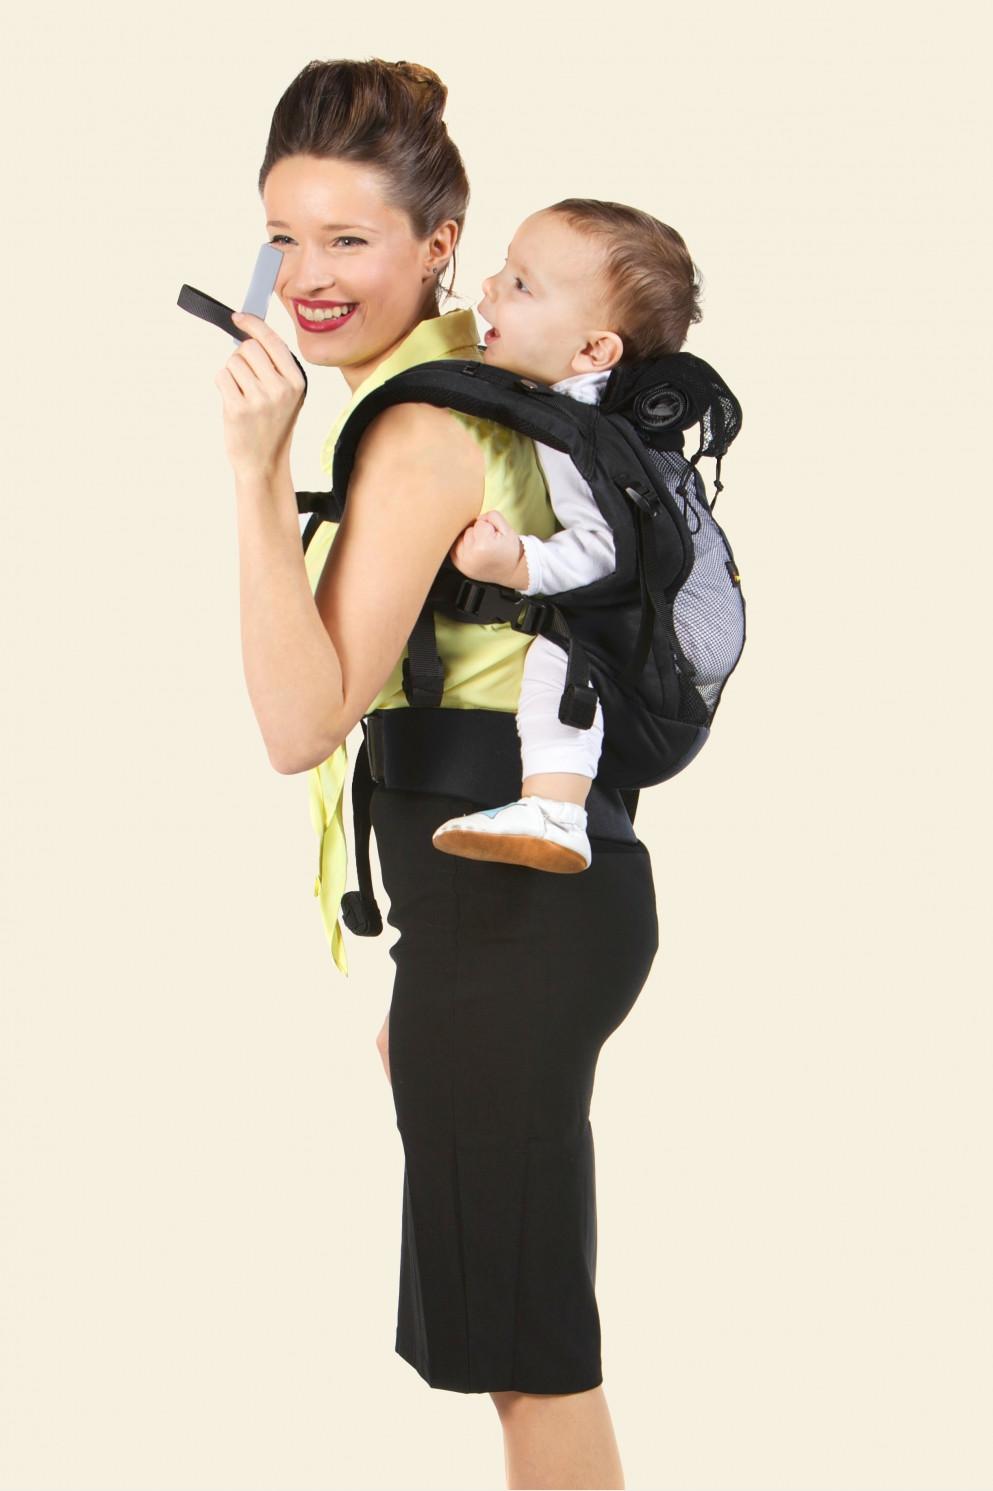 754d6073464 Voici la sélection d écharpe de portage bébé pour vous     . Porte bébé  jpmbb